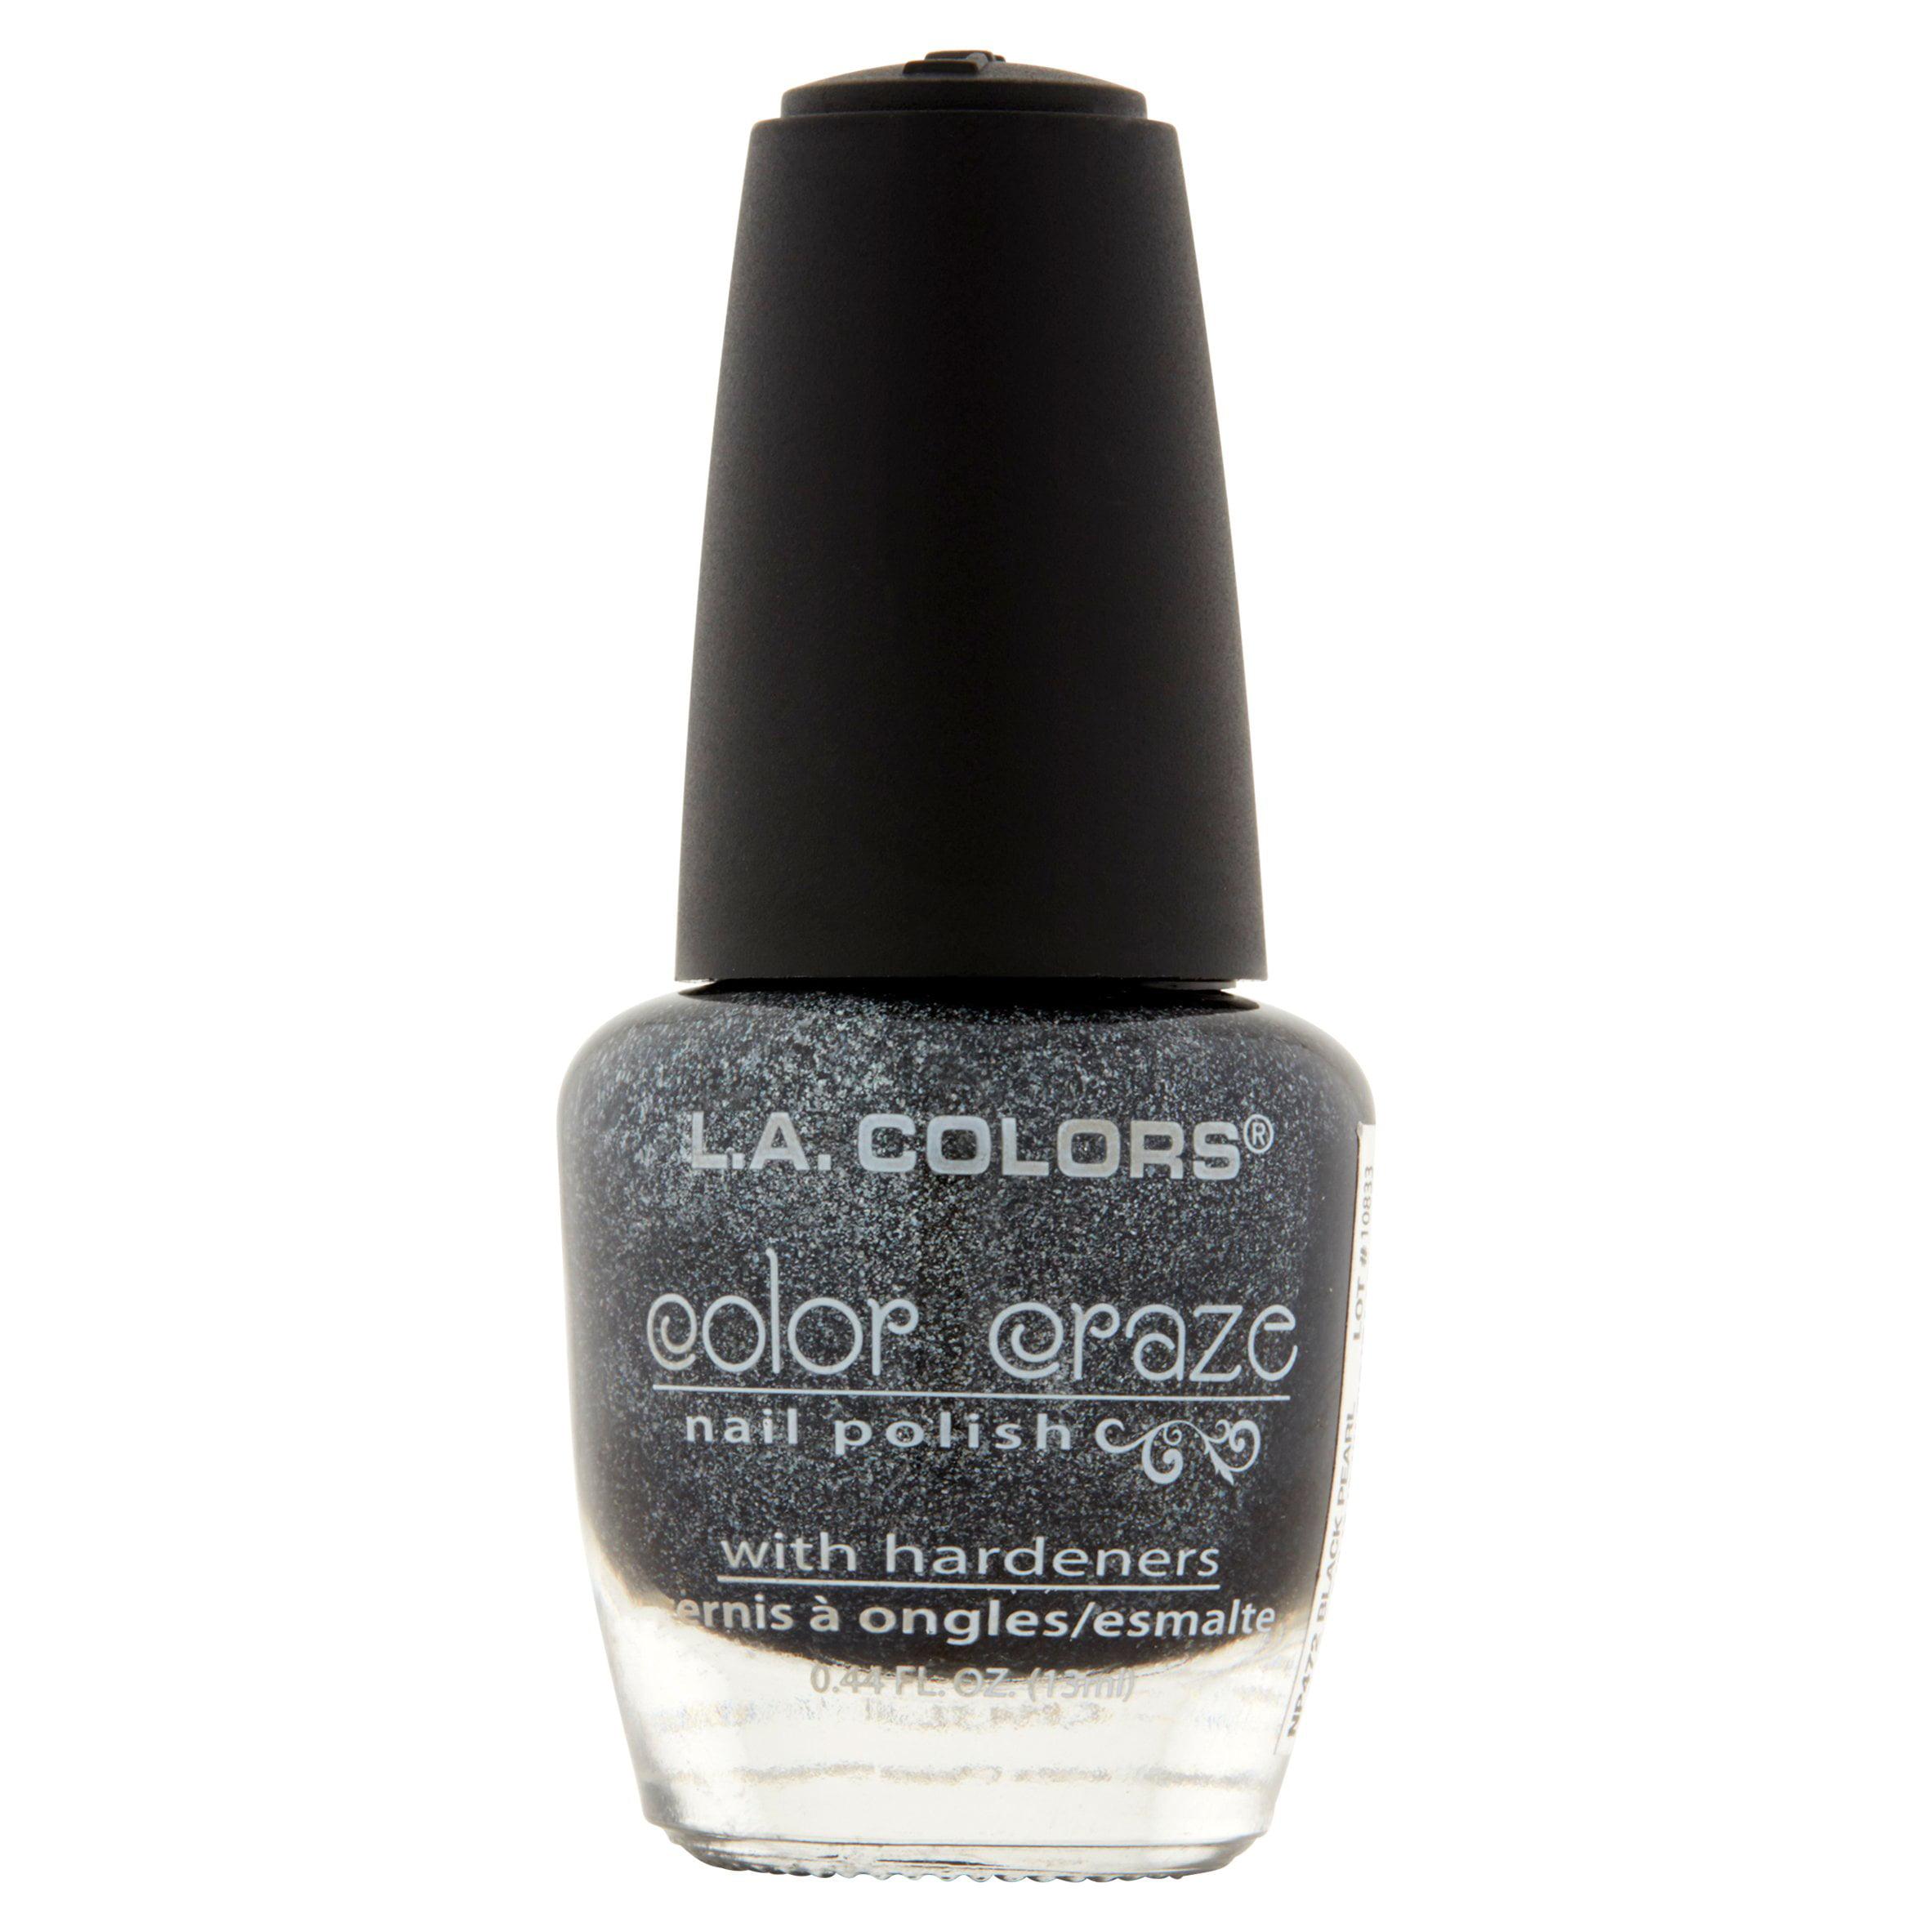 LA Colors Color Craze Nail Polish, Circuits, 0.44 Oz - Walmart.com